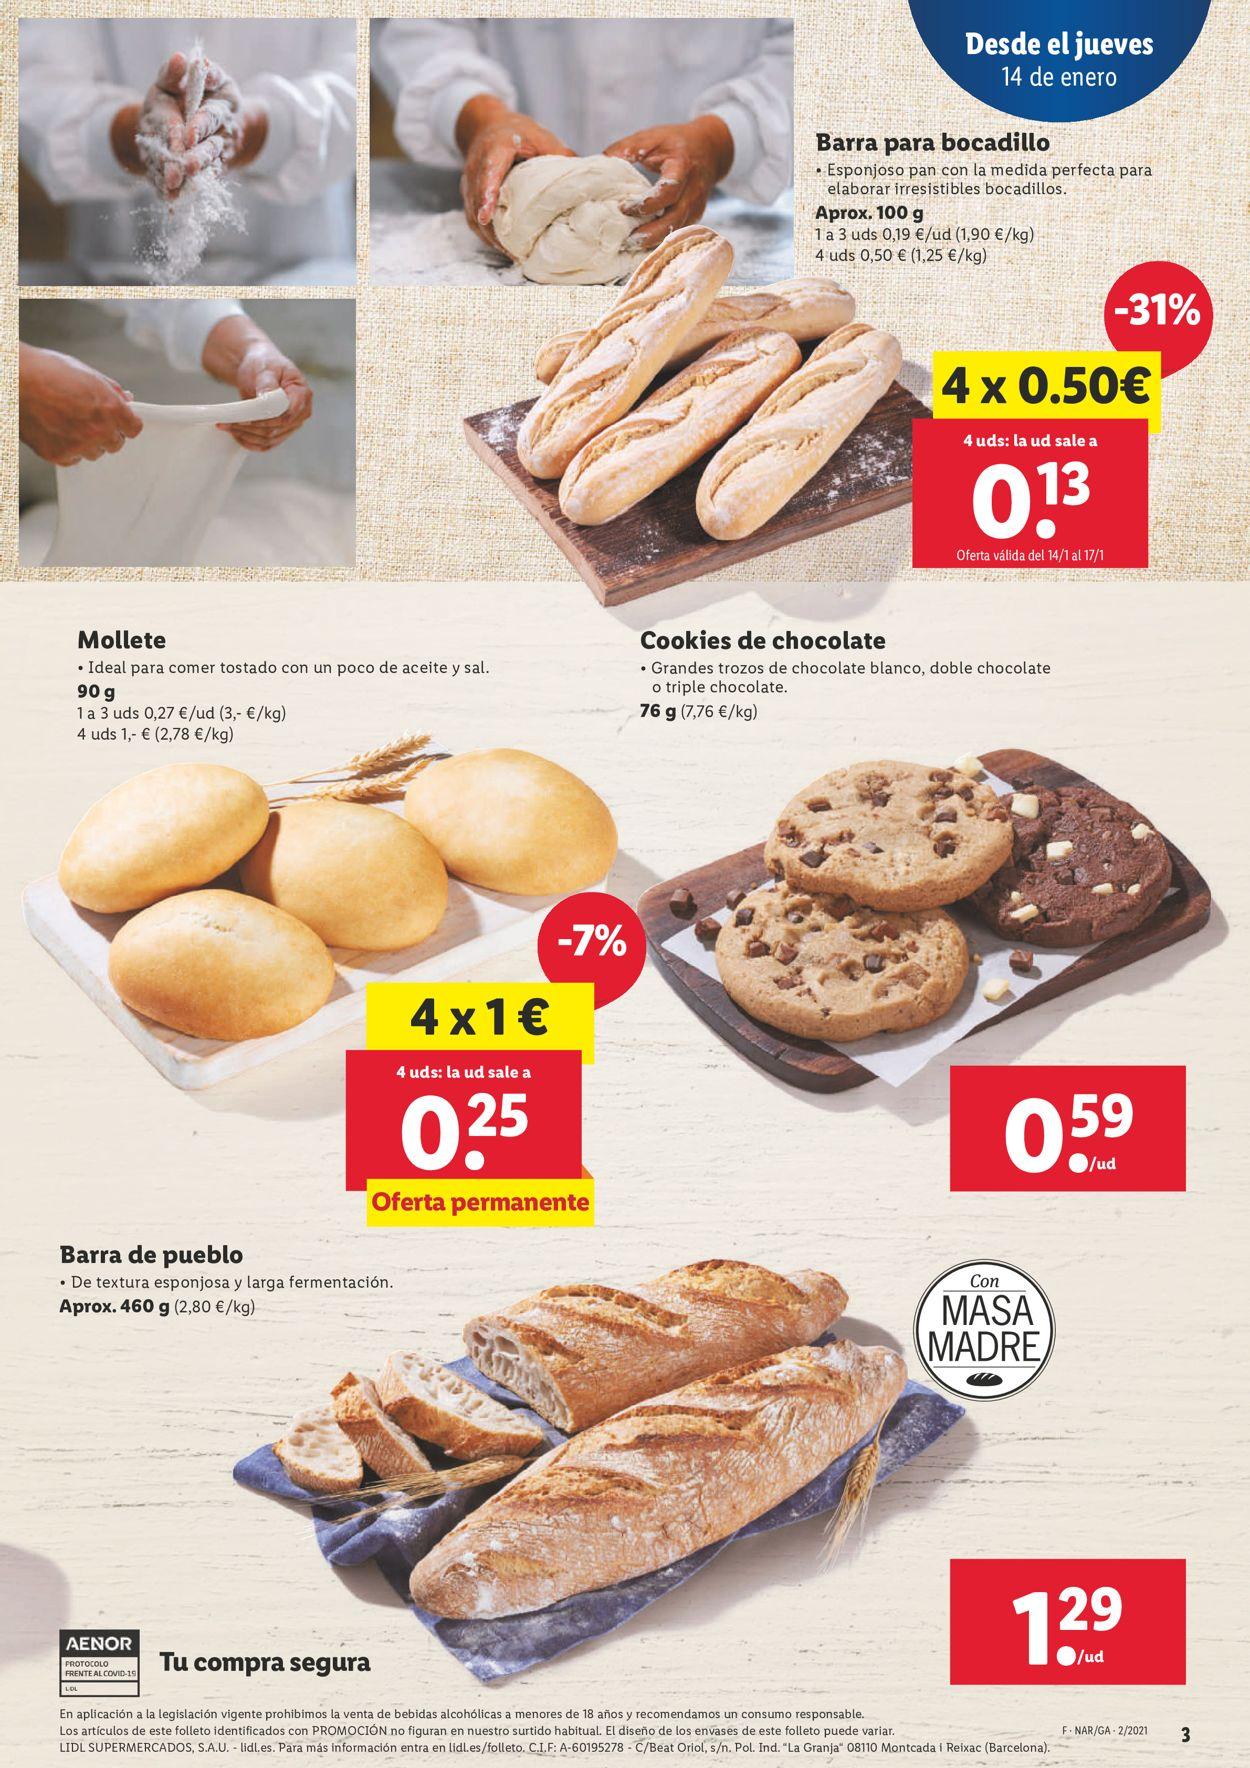 Lidl Folleto - 14.01-20.01.2021 (Página 3)